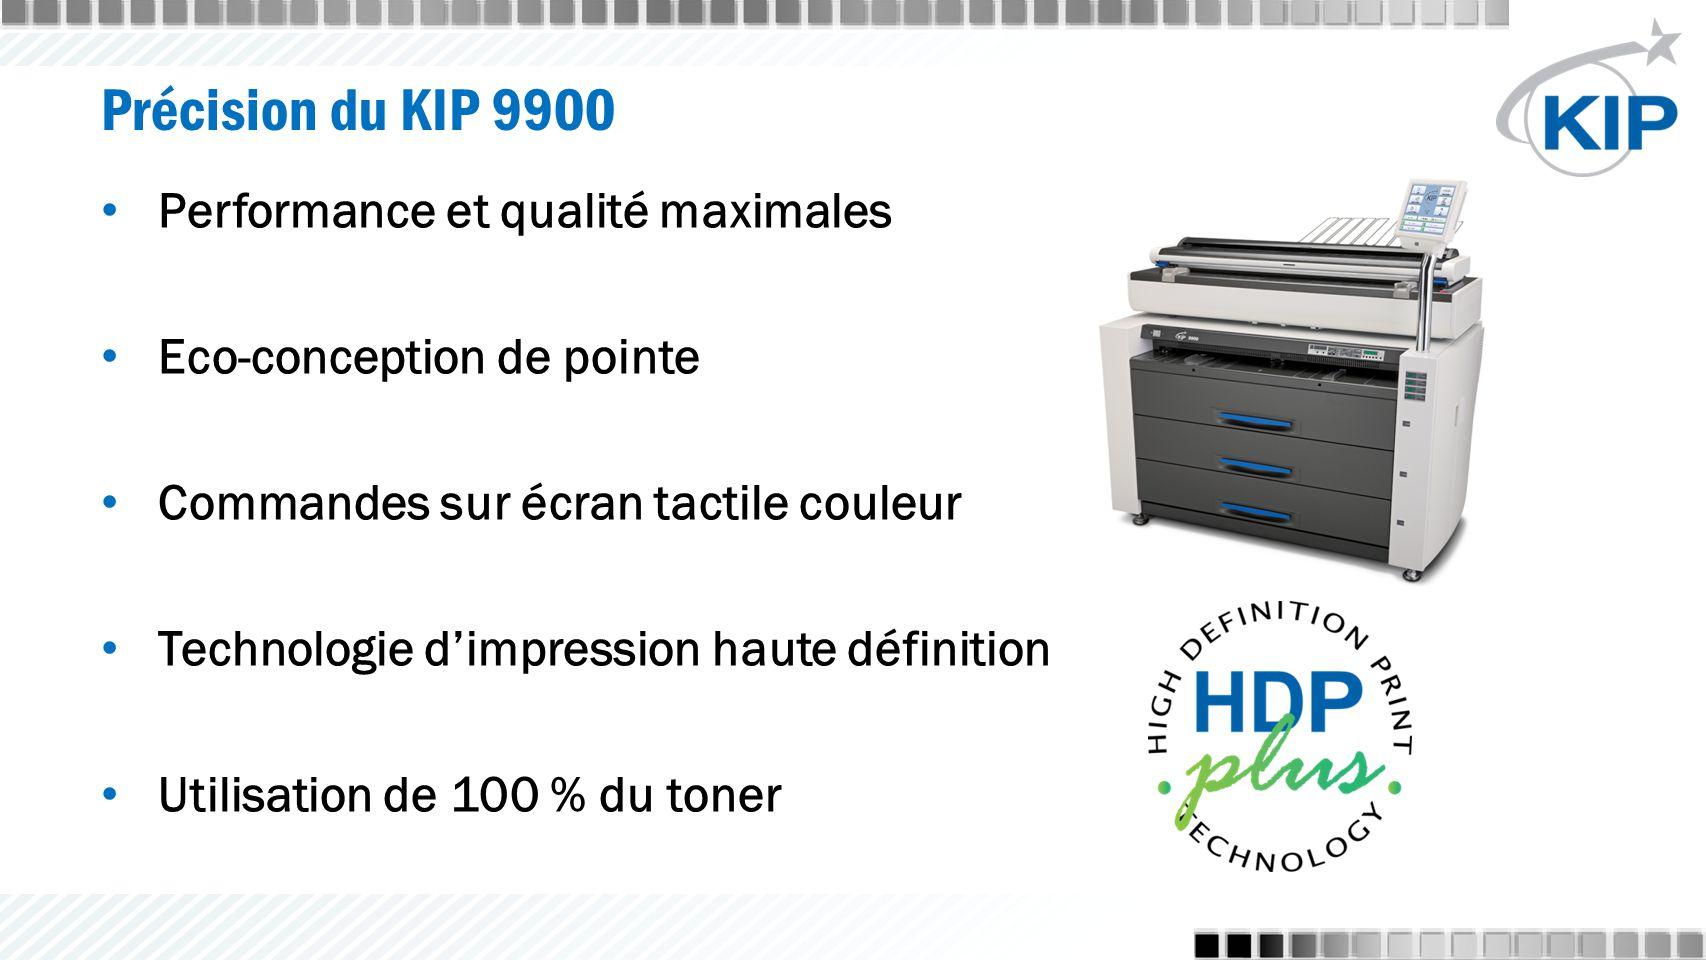 Précision du KIP 9900 Performance et qualité maximales Eco-conception de pointe Commandes sur écran tactile couleur Technologie d'impression haute définition Utilisation de 100 % du toner